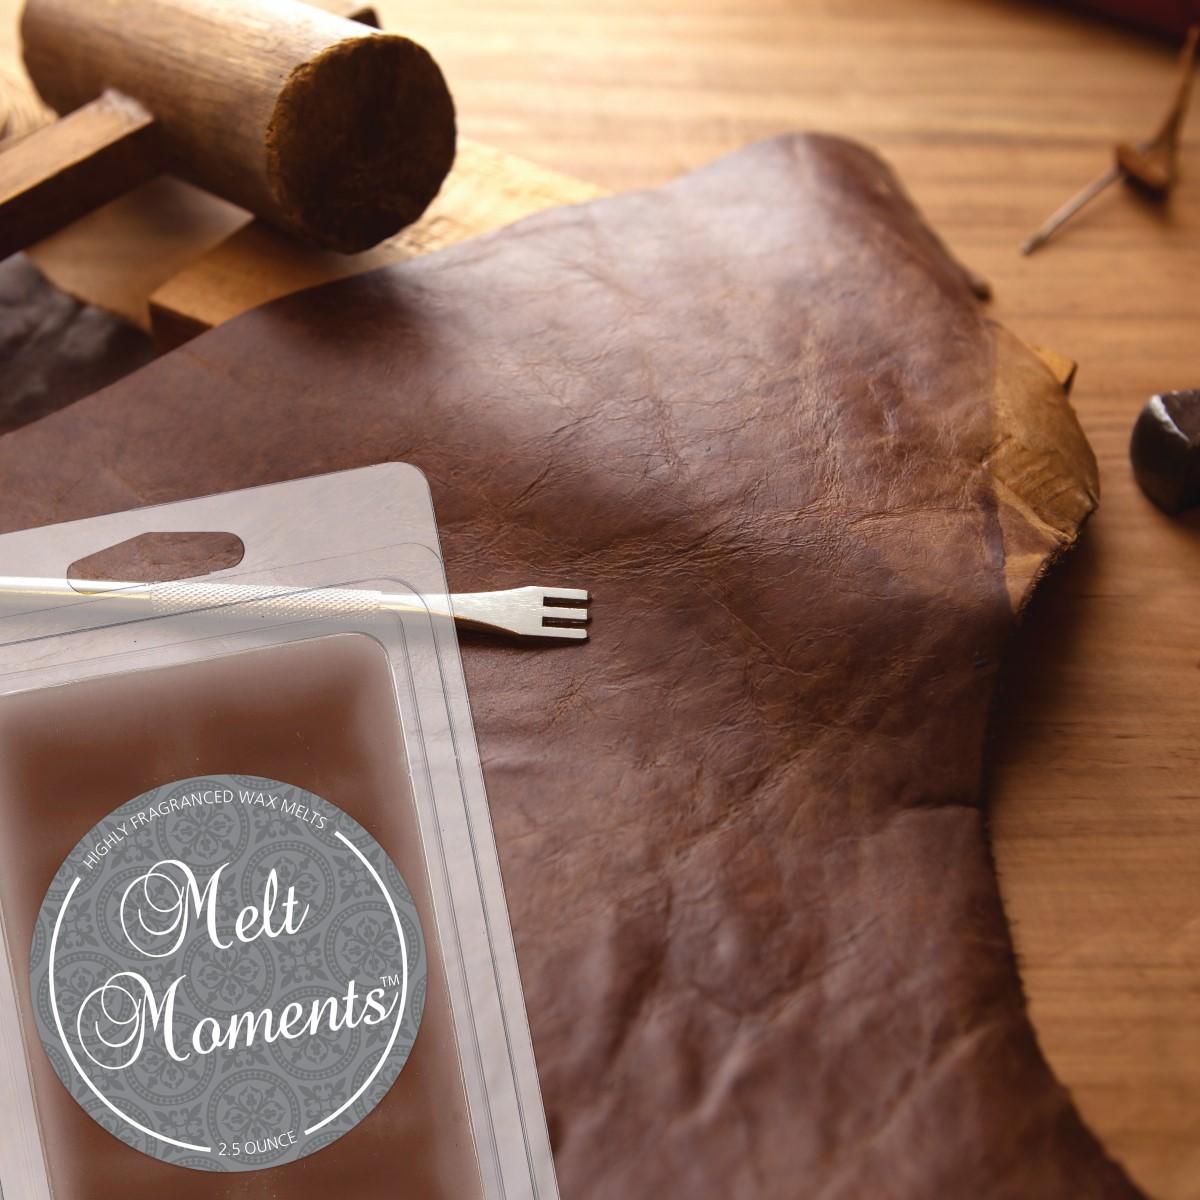 Mahogany & Leather Melts